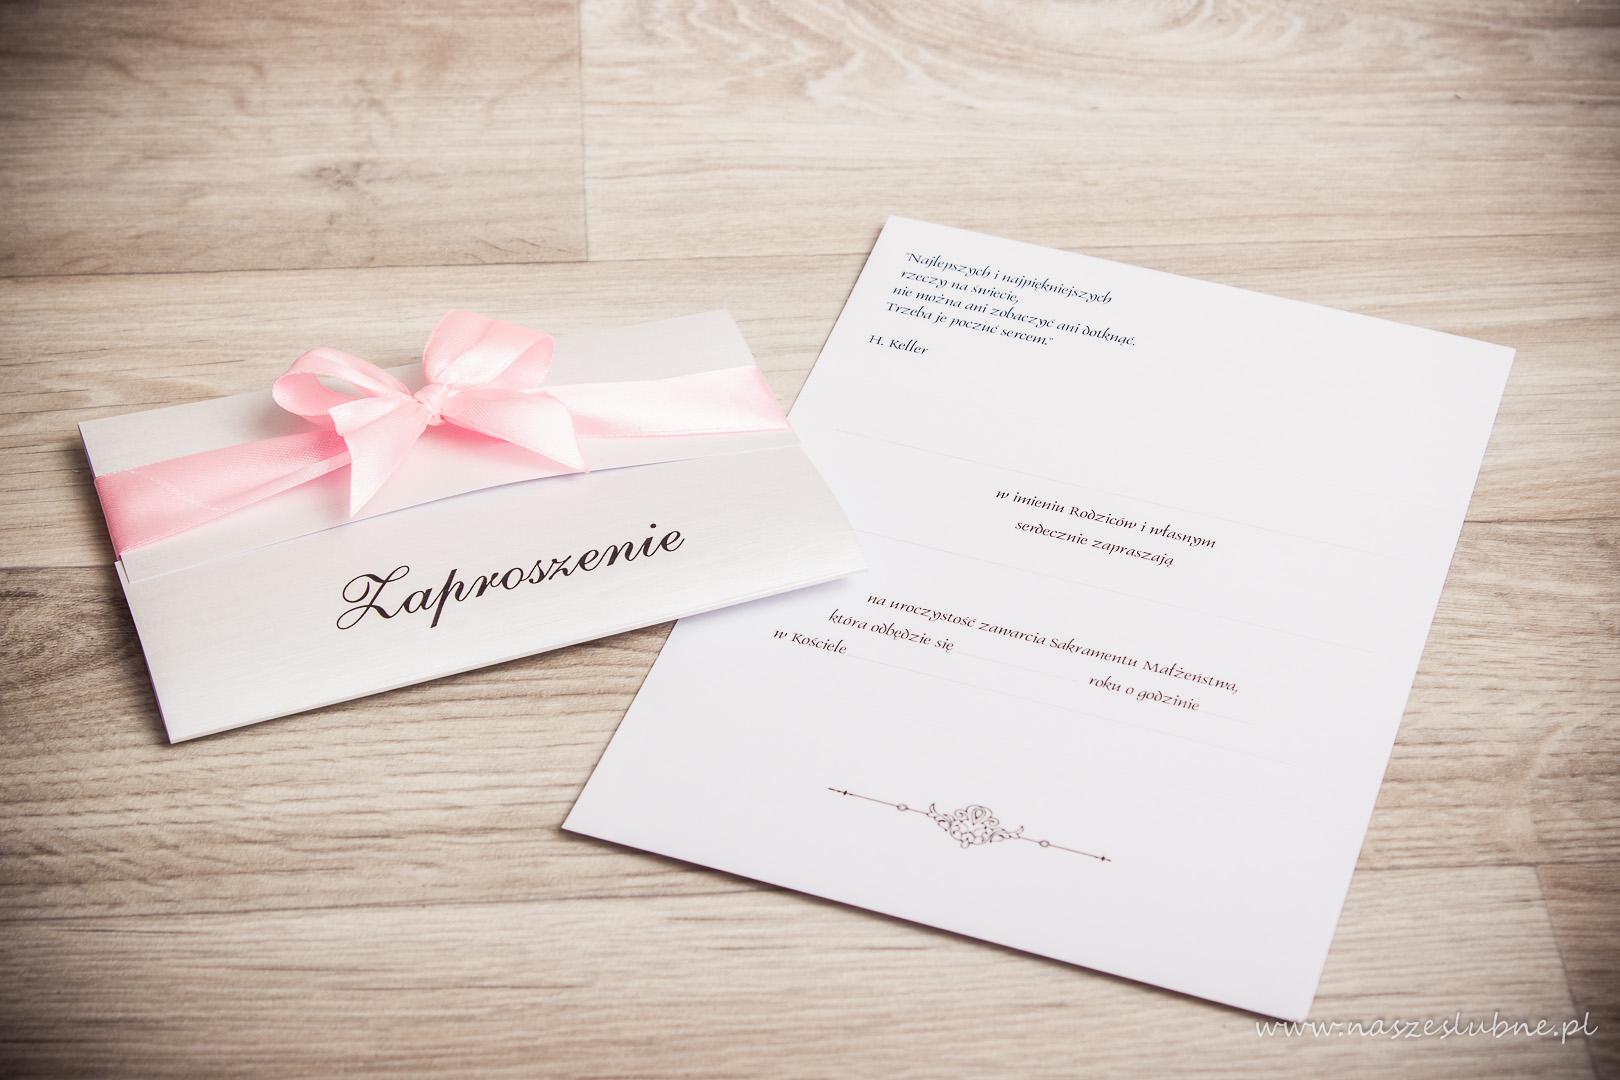 Zaproszenia ślubne – do ręcznego wypisywania: wzór nr 2